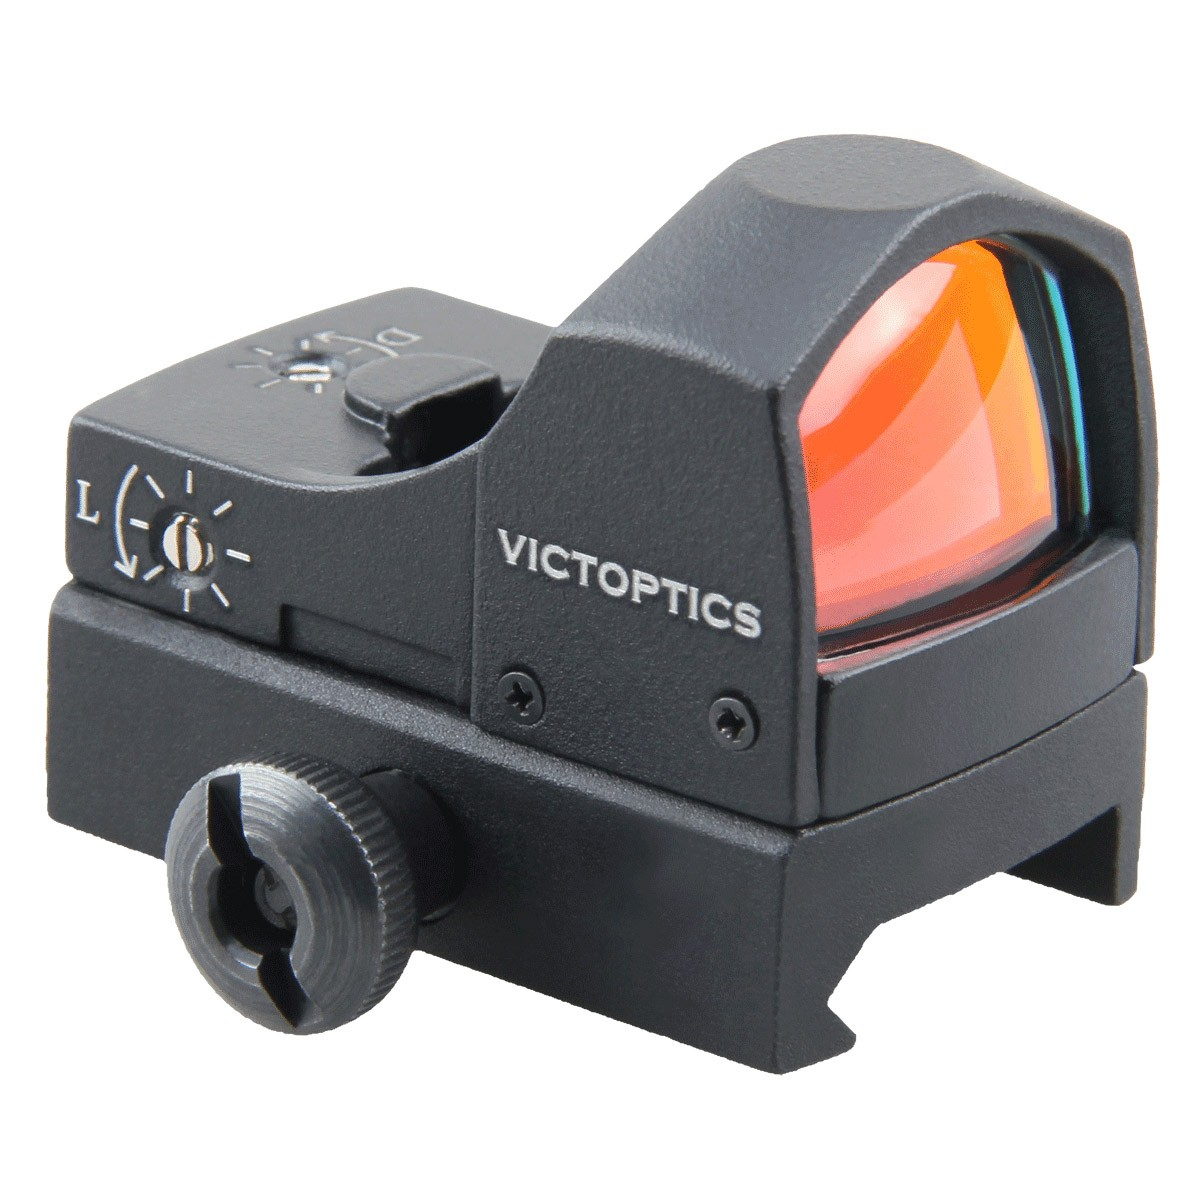 Vector Optics RDSL16 Victoptics SPX 1×22